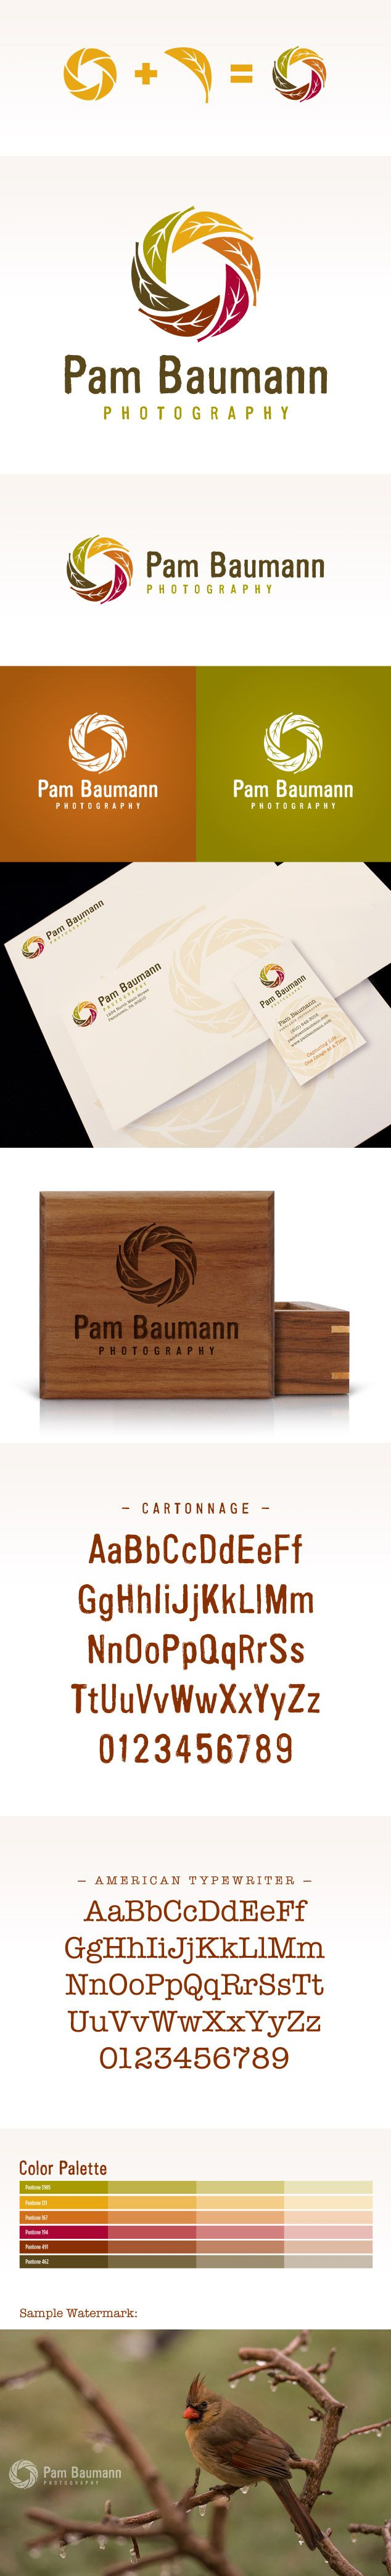 Logo Design & Branding for a Pennsylvania Photographer